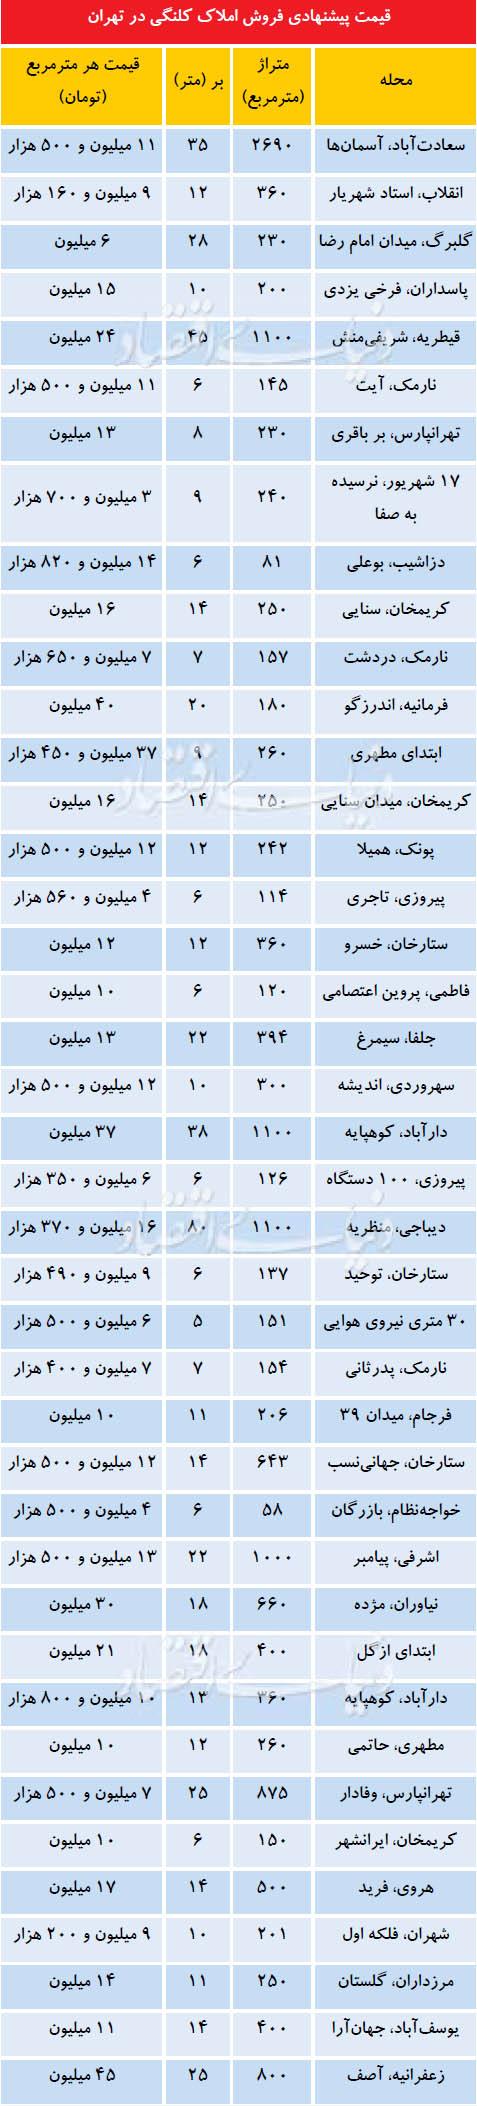 قیمت ملک کلنگی در تهران